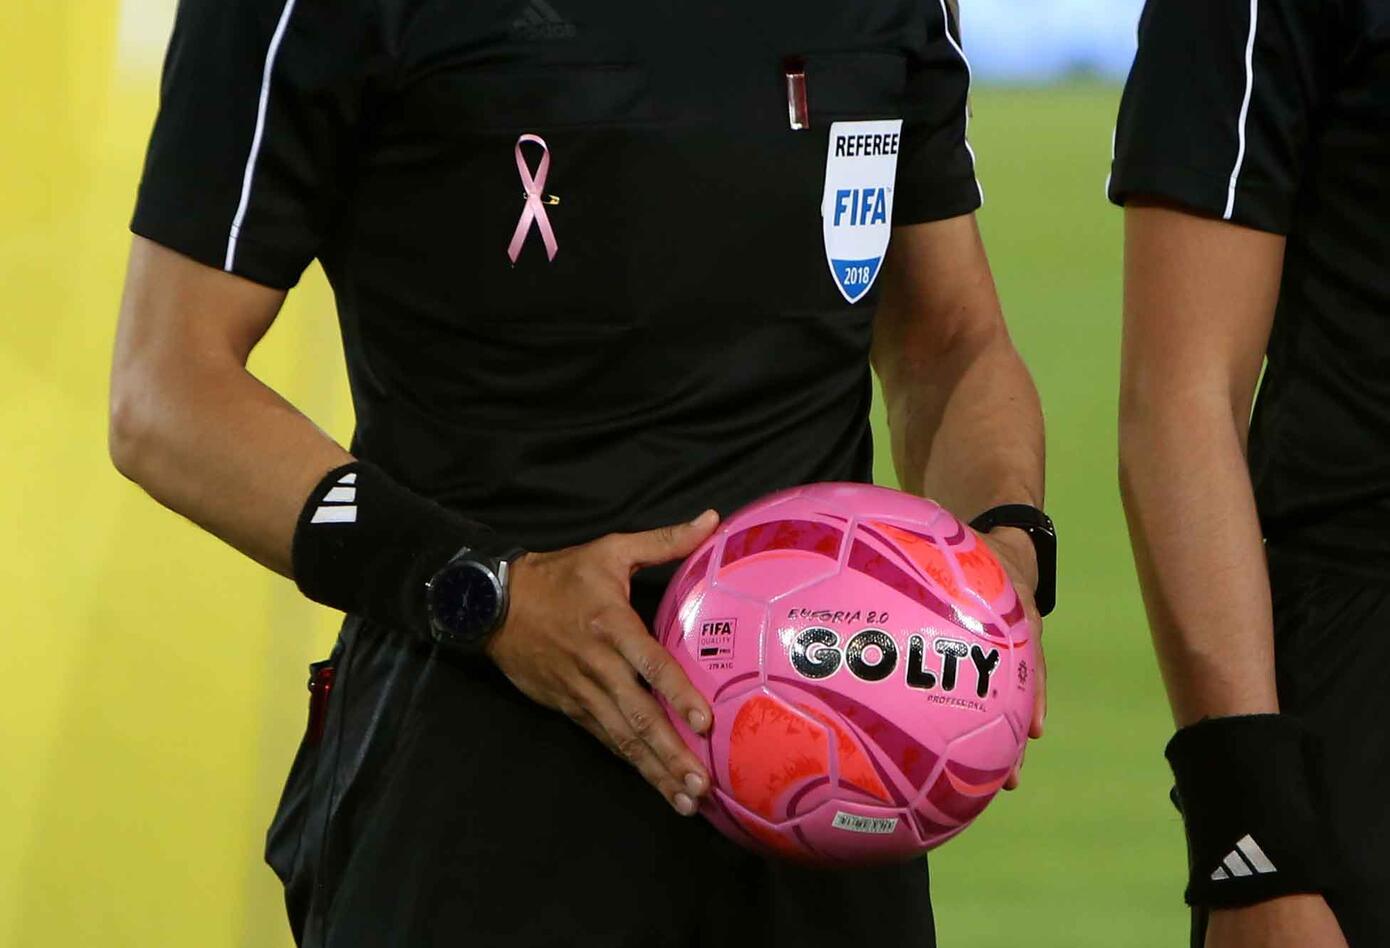 Santa Fe Vs Equidad también hizo parte del Día Mundial contra el Cáncer de Mama